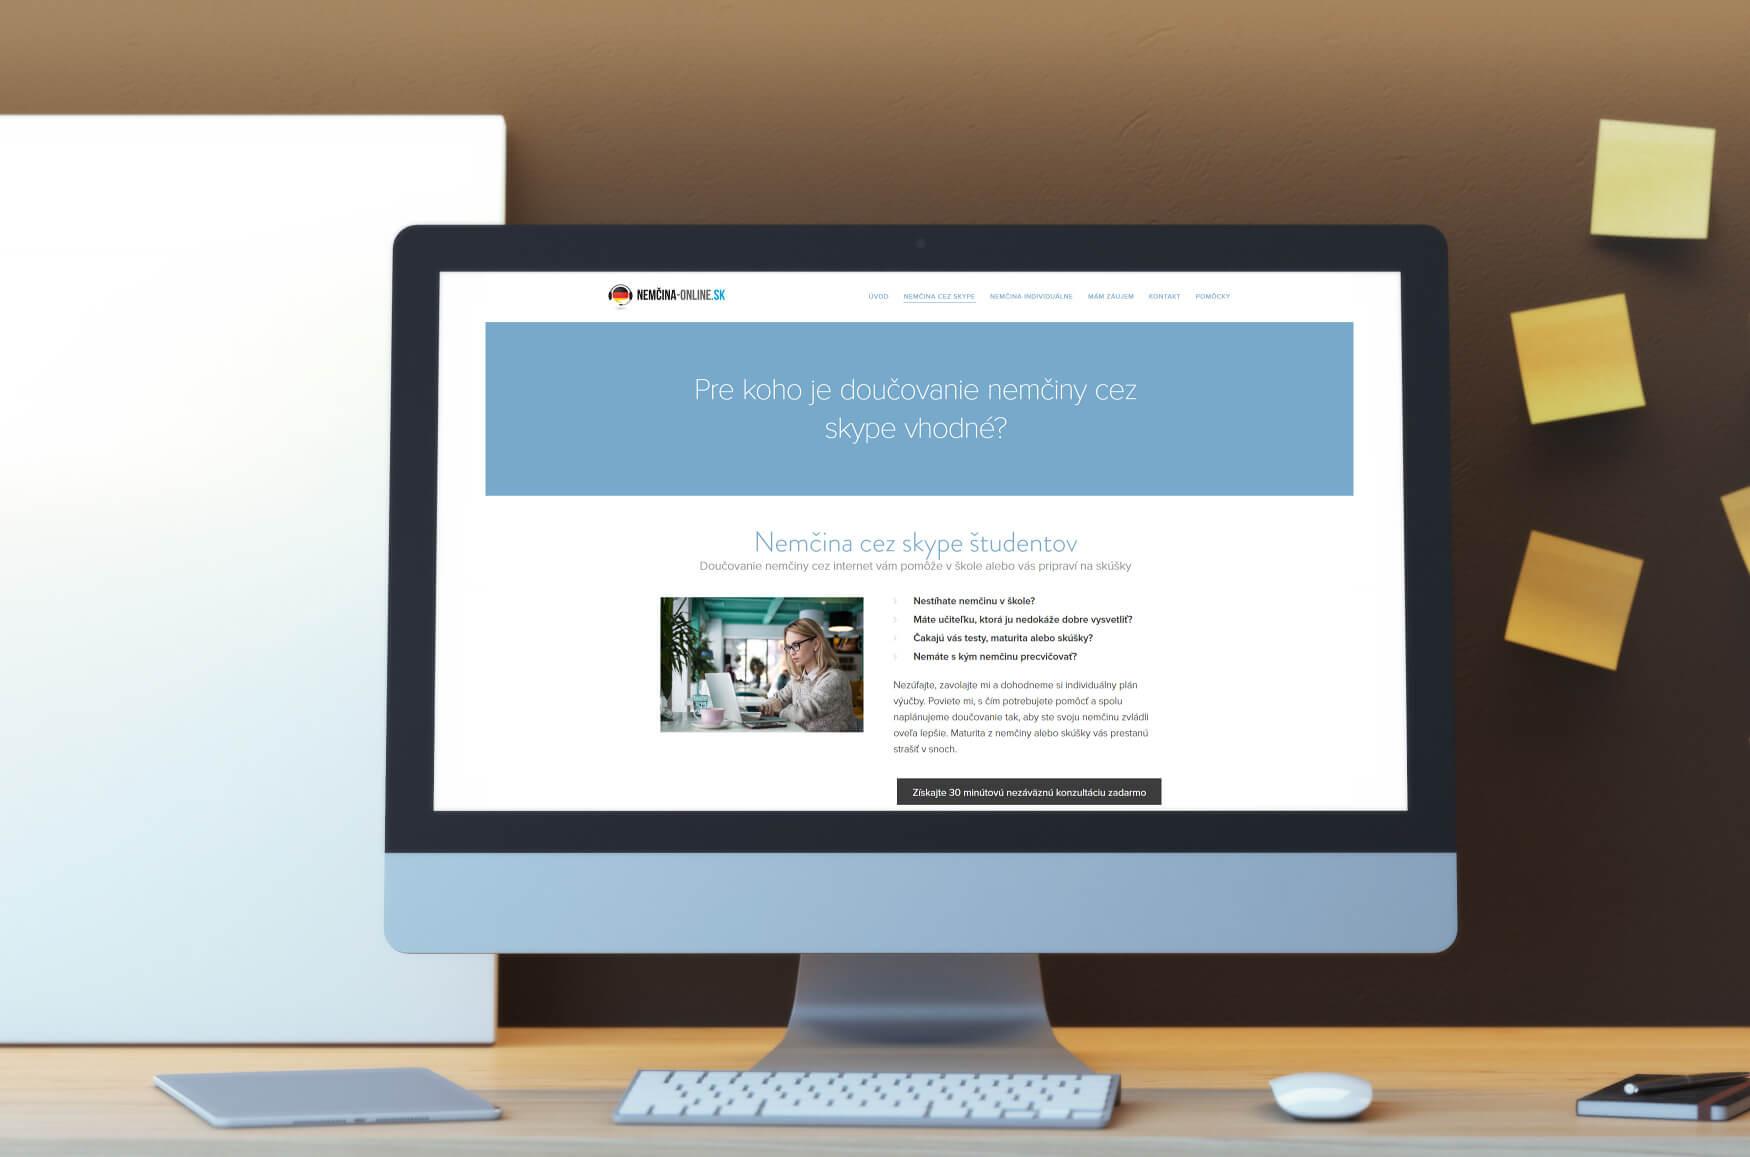 Tvorba web stránok lacno, rýchlo a kvalitne | Webovica.sk